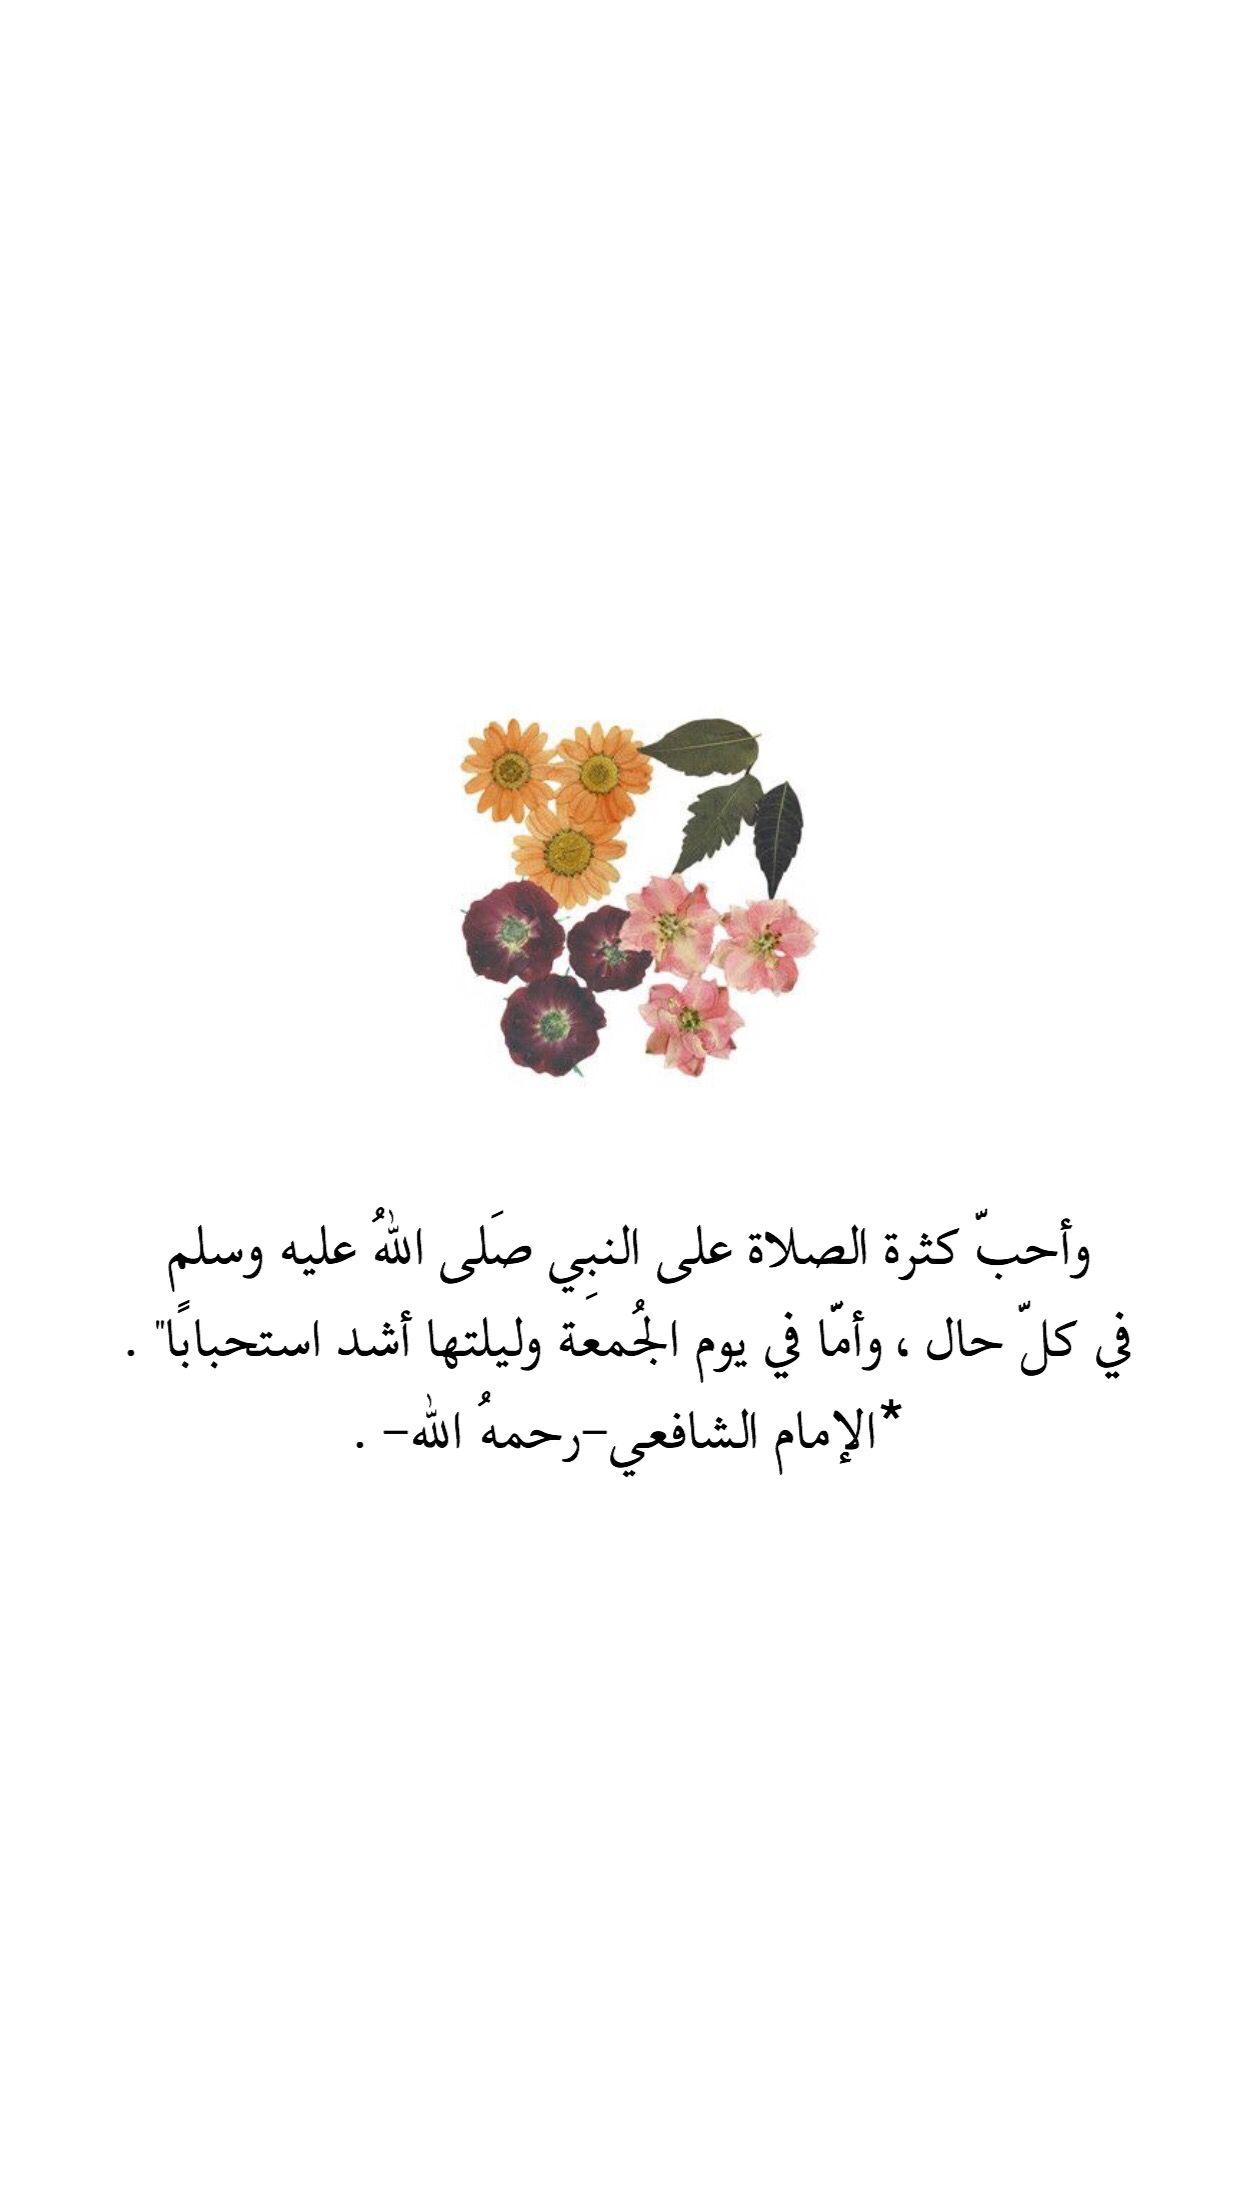 اللهم صل وسلم وبارك على سيدنا محمد وعلى آله وصحبه أجمعين Islamic Quotes Quran Islamic Quotes Quran Quotes Inspirational